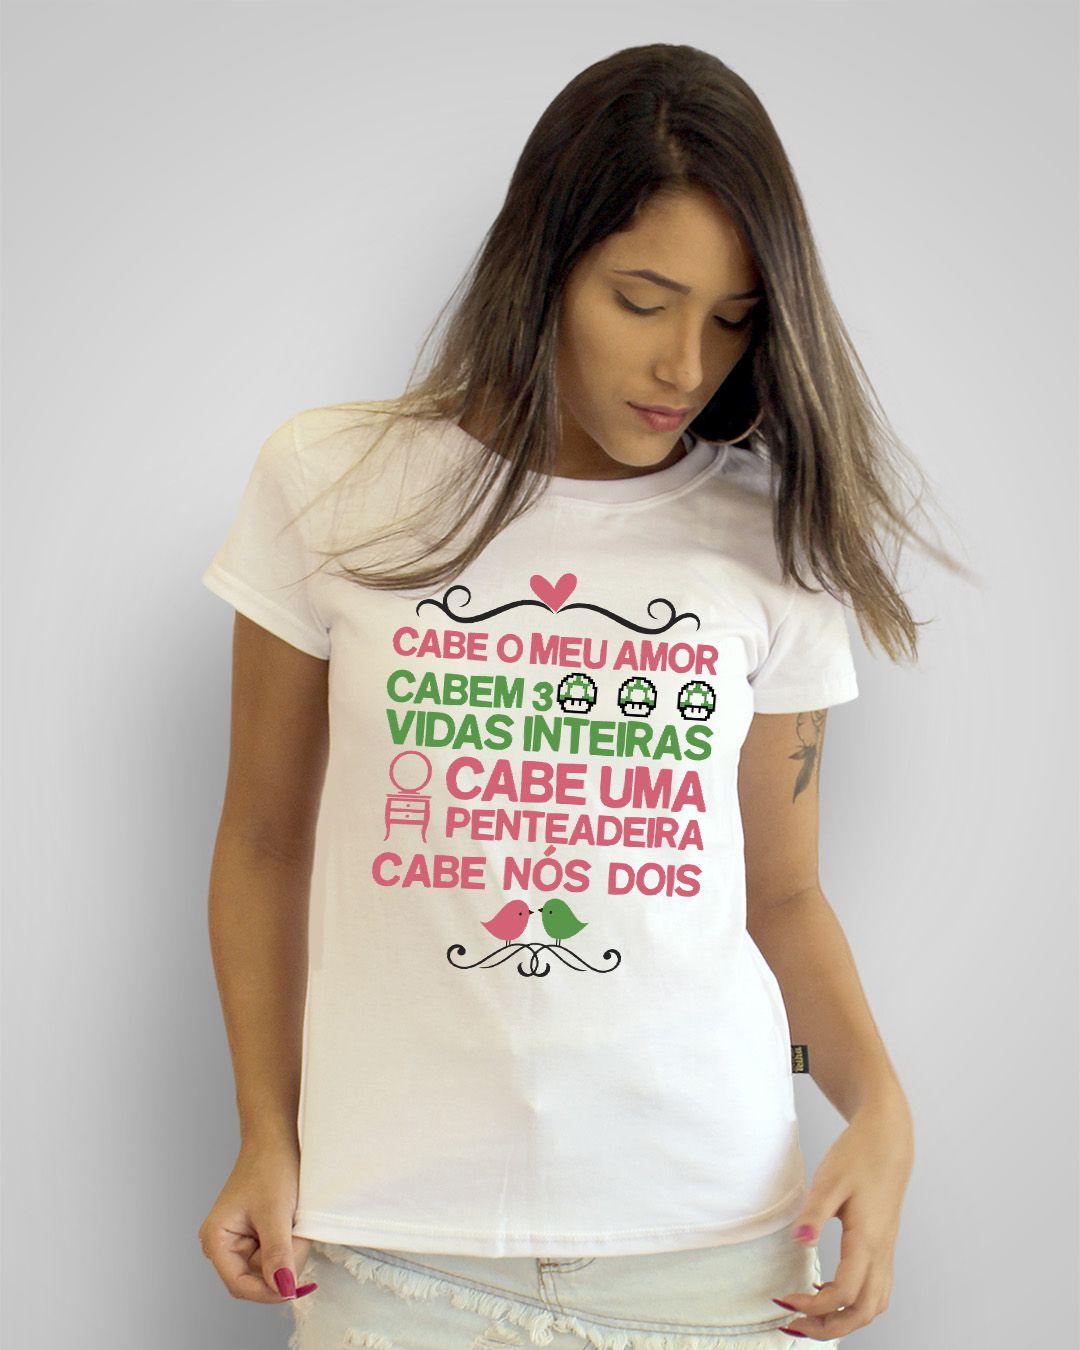 Camiseta Cabe o meu amor, cabem três vidas inteiras, cabe uma penteadeira, cabe nós dois - A banda mais bonita da cidade